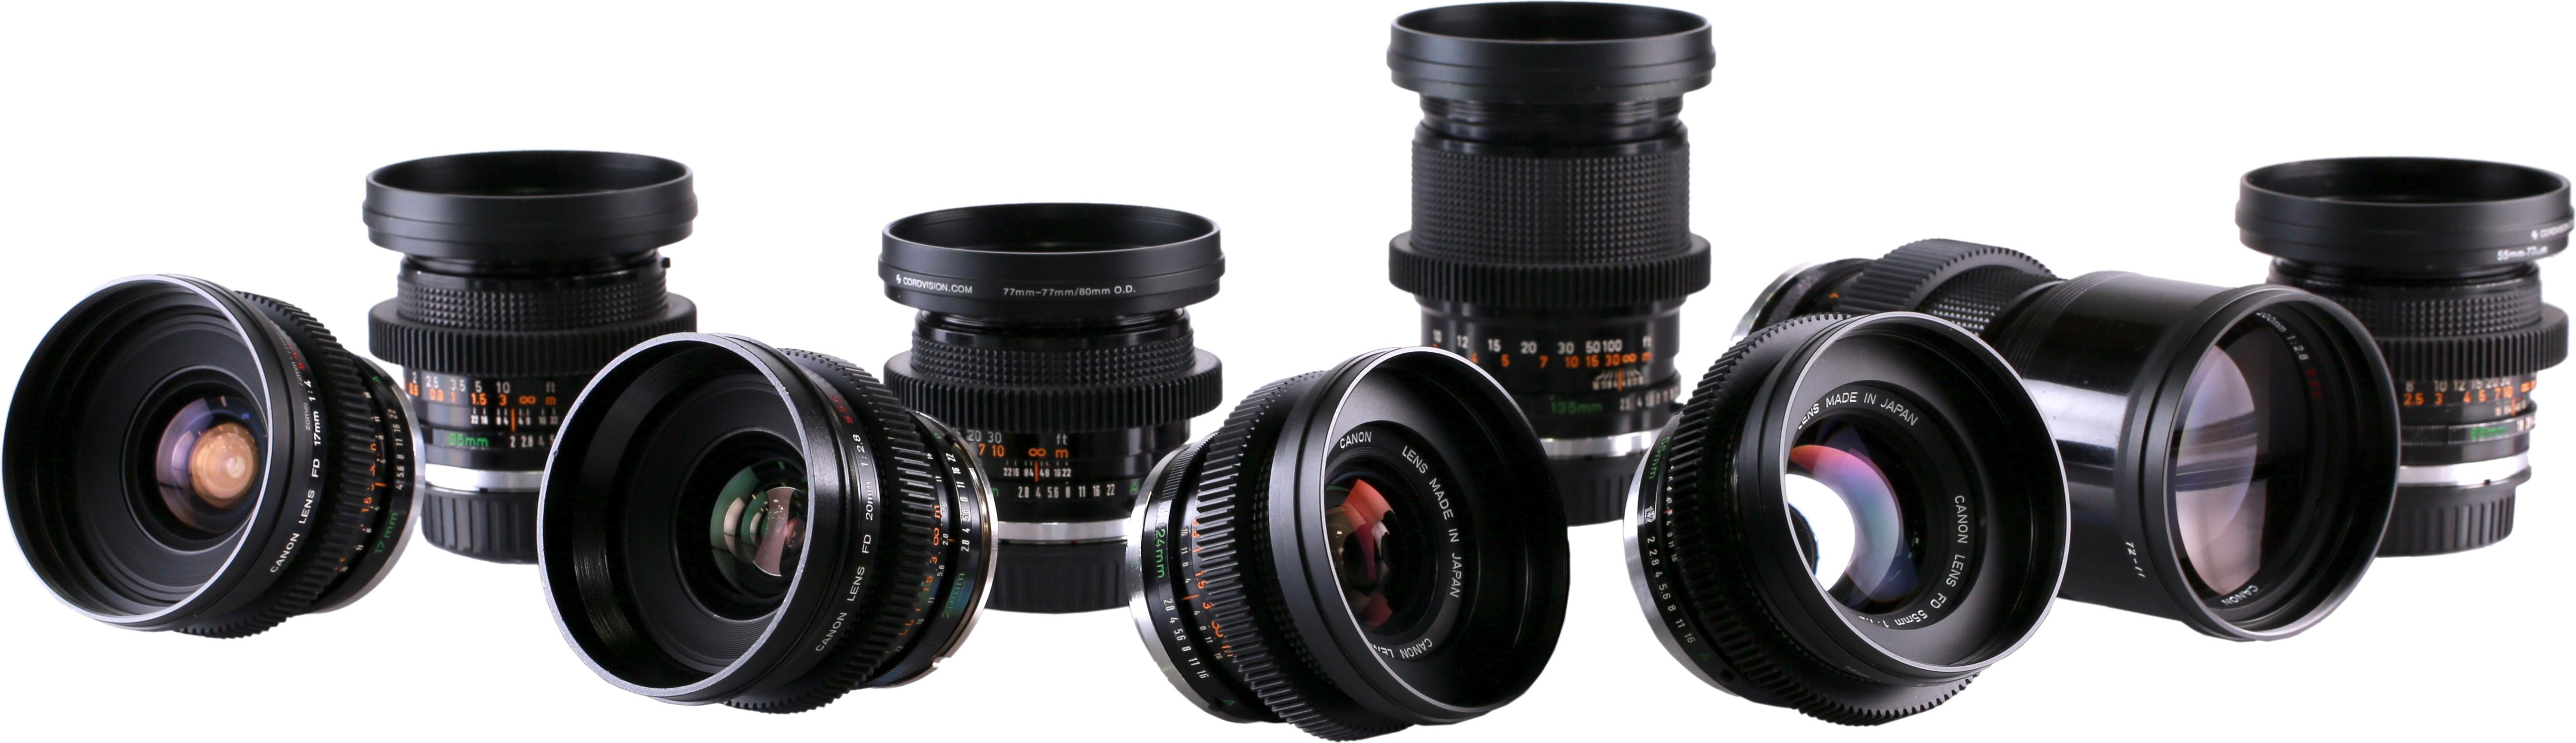 Canon FD Cine-Mod Primes